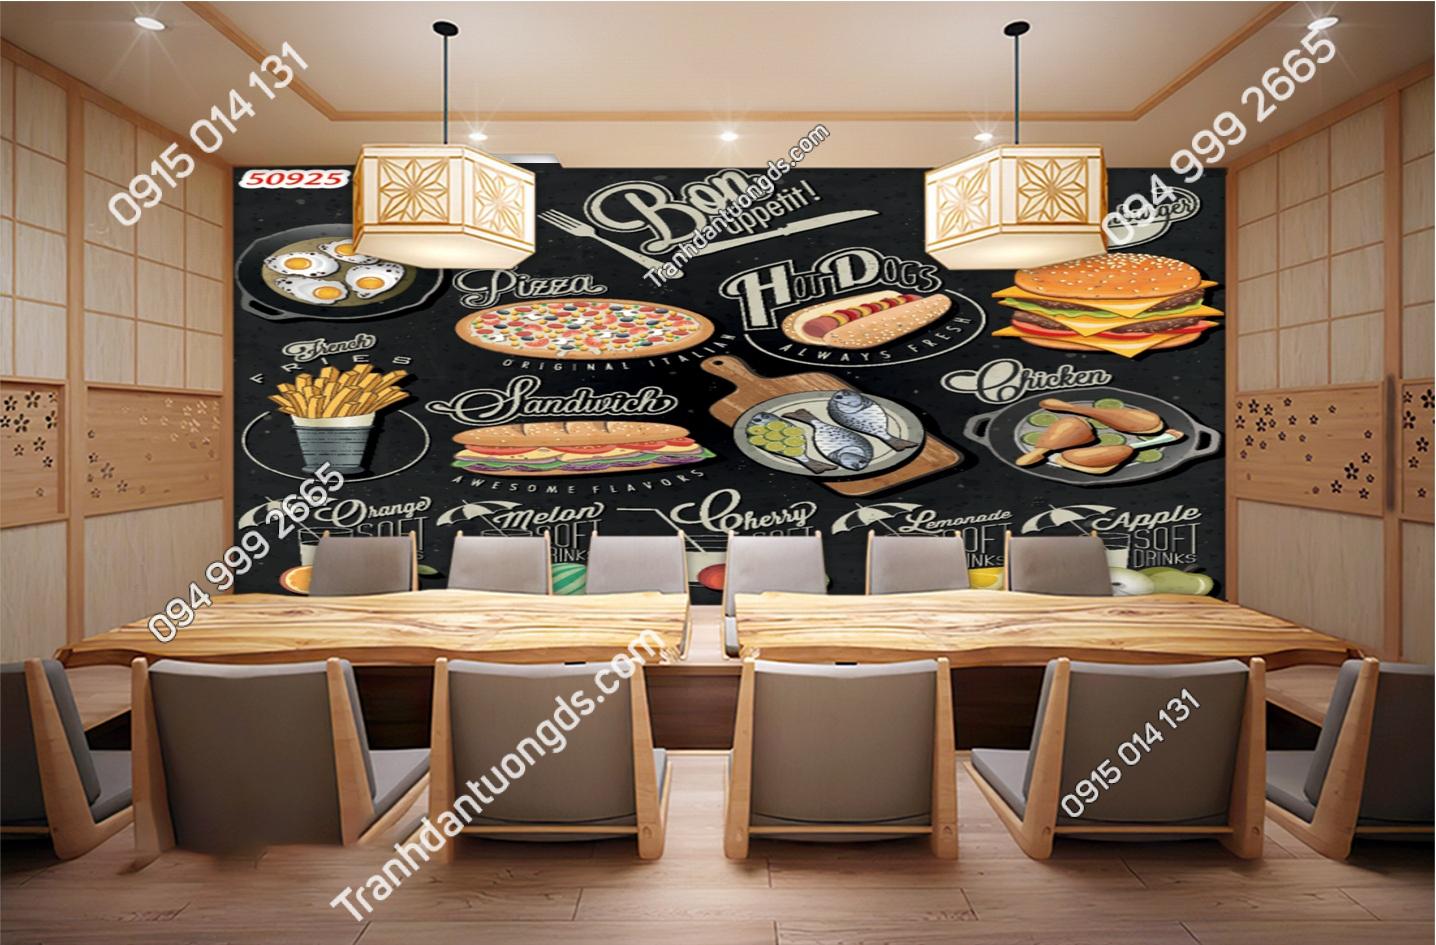 Tranh dán tường quán ăn nhanh 50925